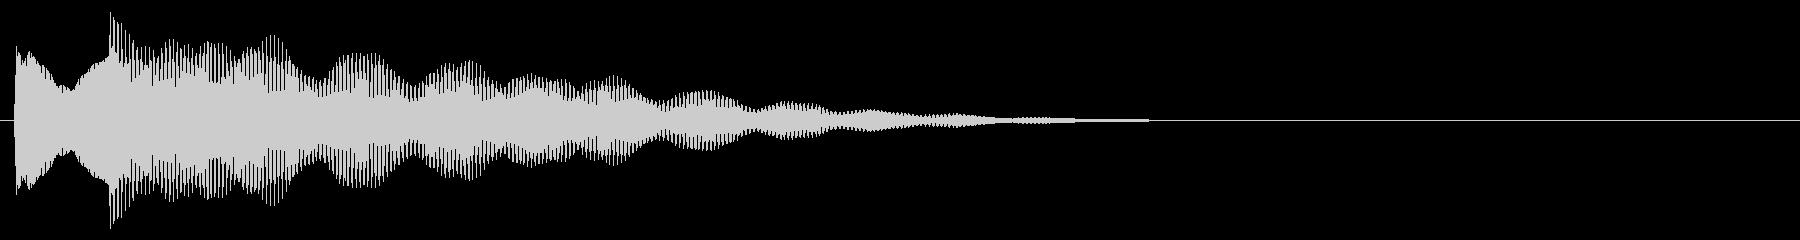 マレット系 決定音03(小)の未再生の波形